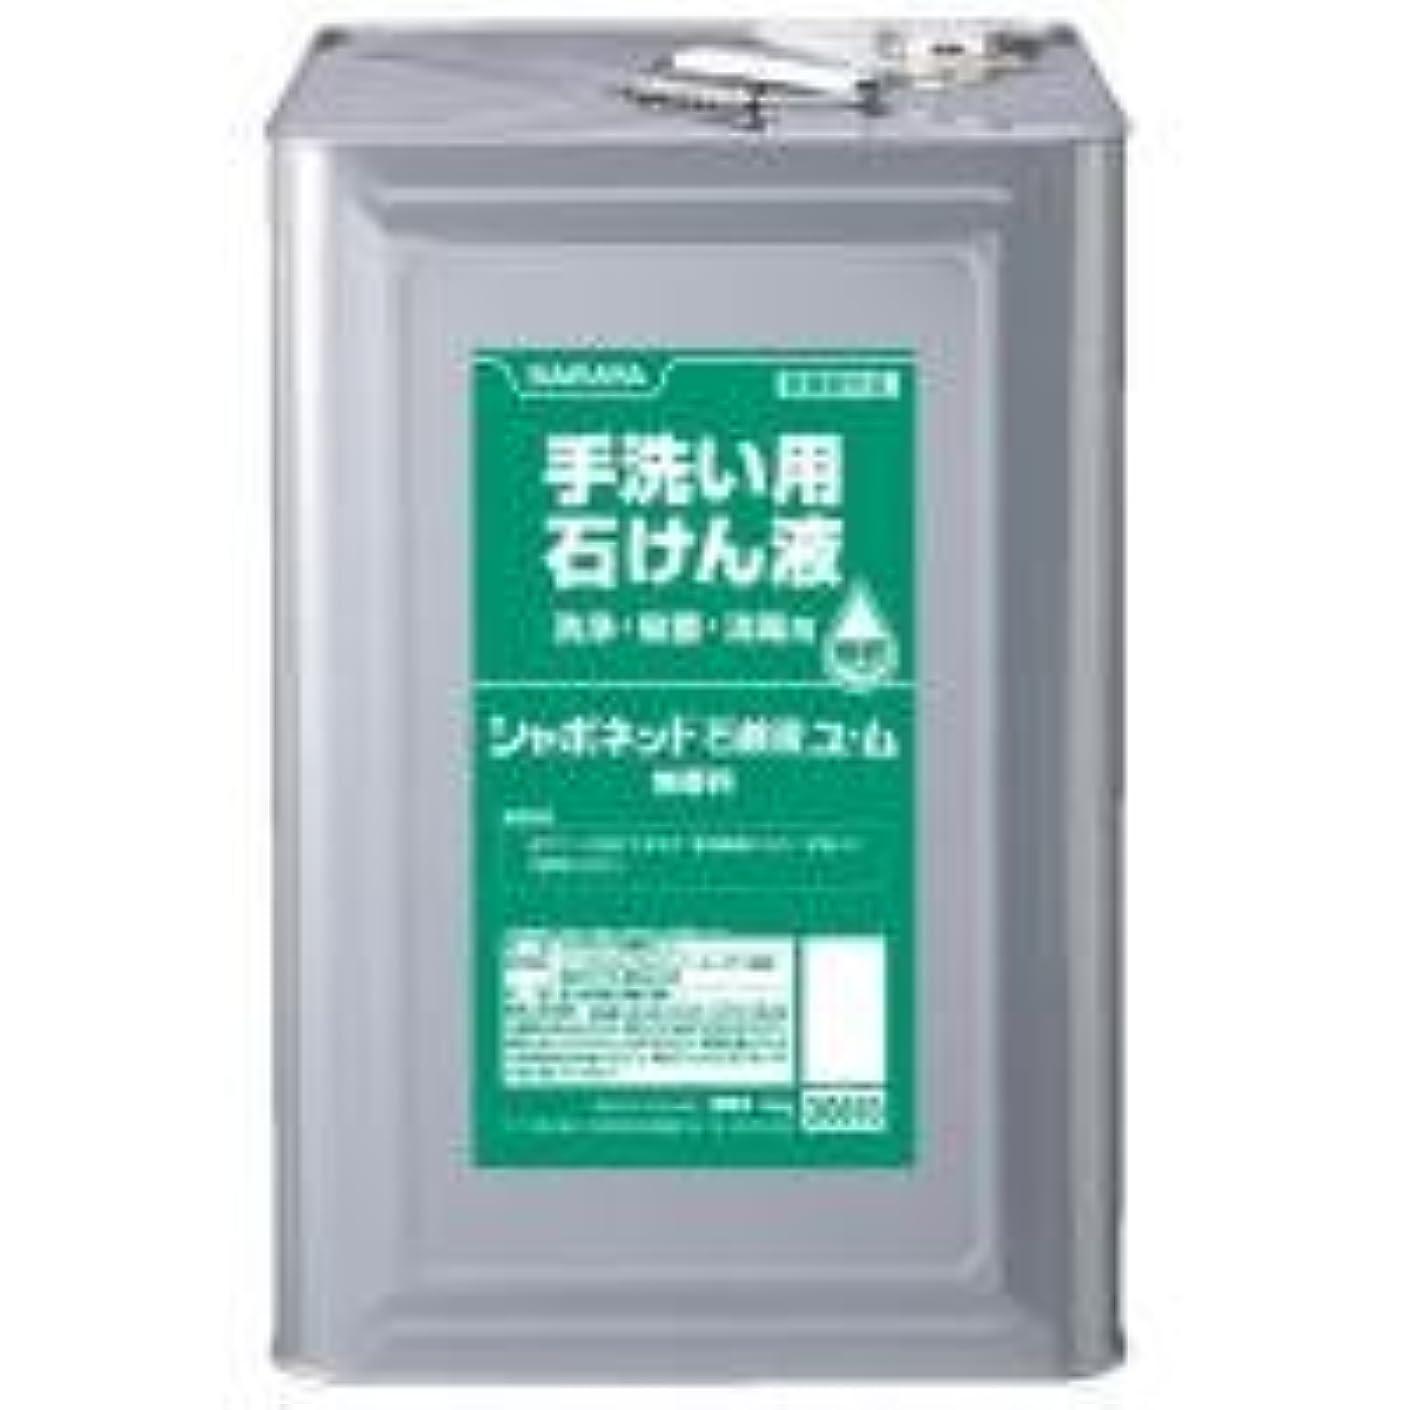 または宣言する流出サラヤ シャボネット 石鹸液ユ?ム 18kg×1缶